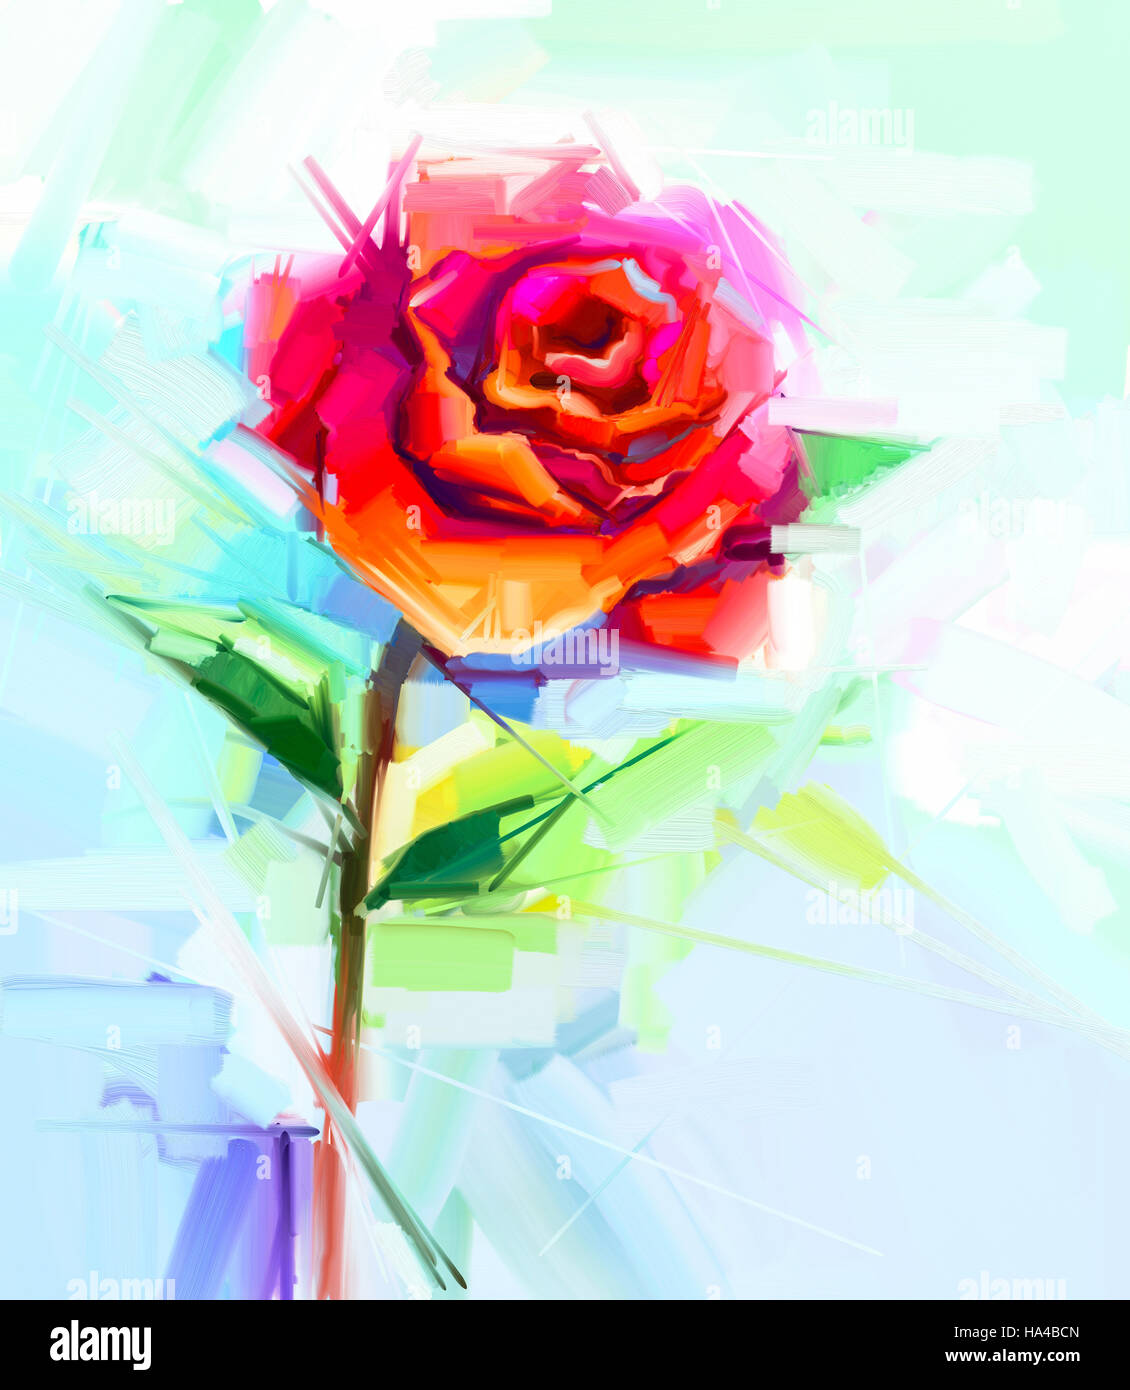 Resume La Peinture A L Huile De Fleur De Printemps Still Life De